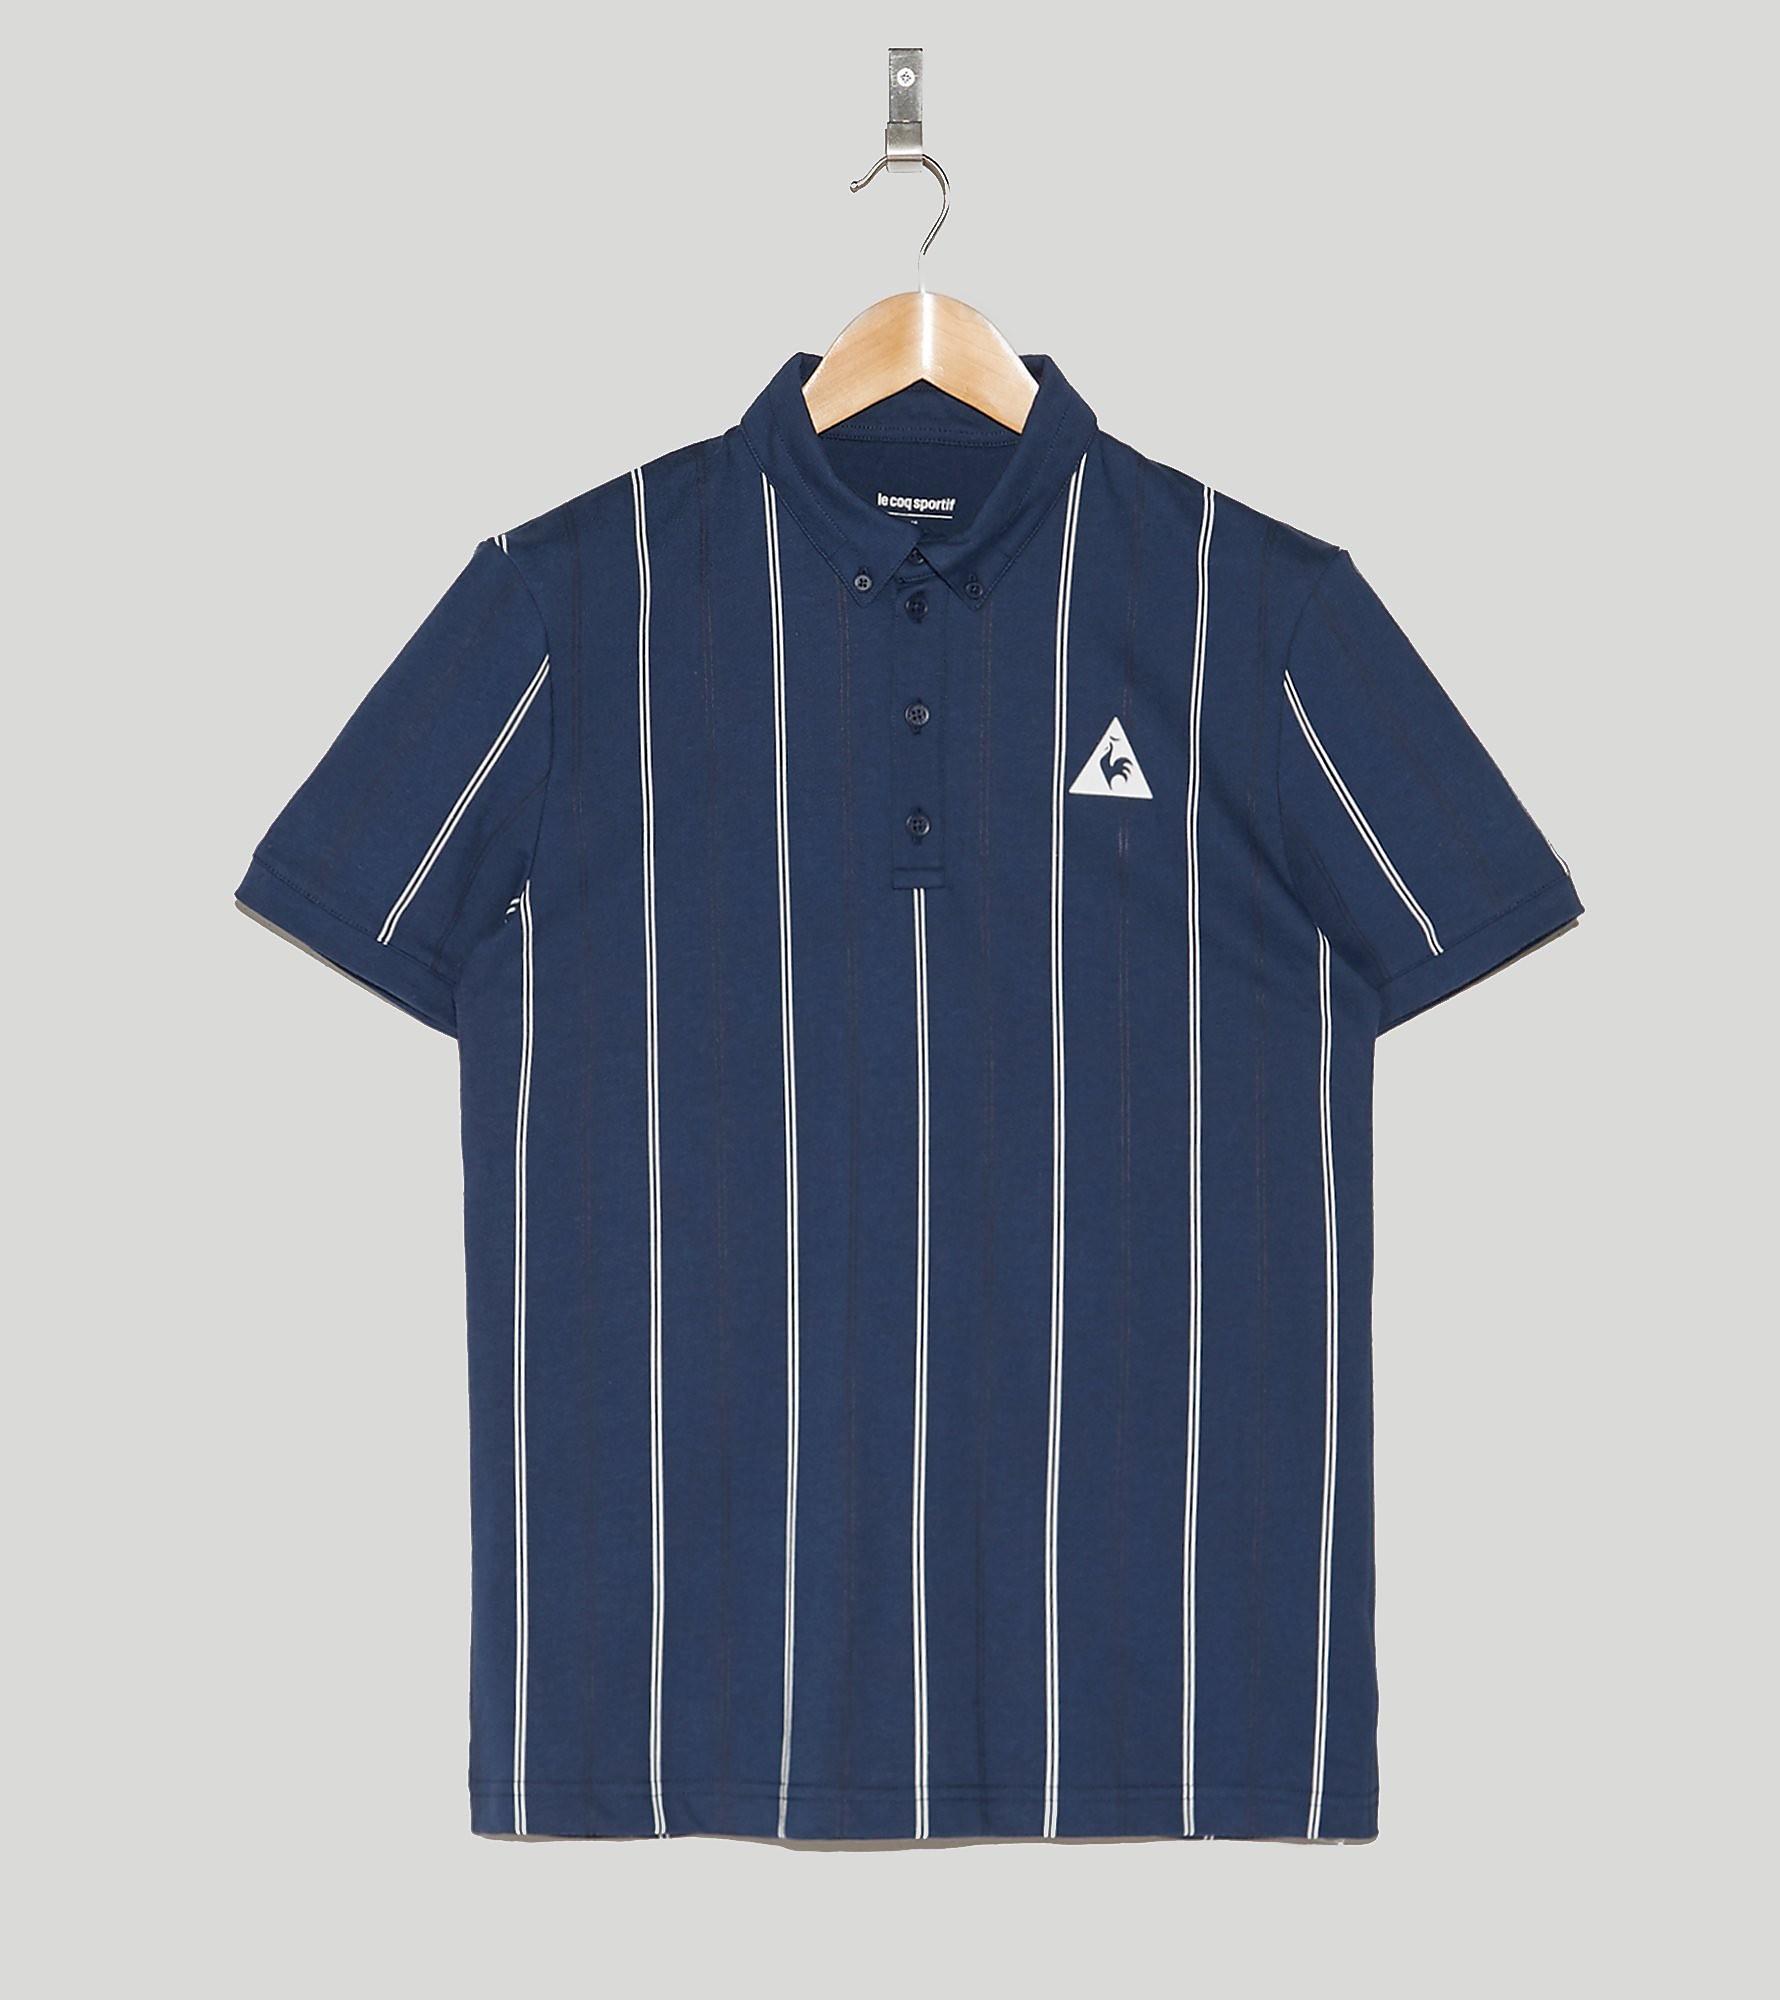 Le Coq Sportif Saint-Etienne Polo Shirt